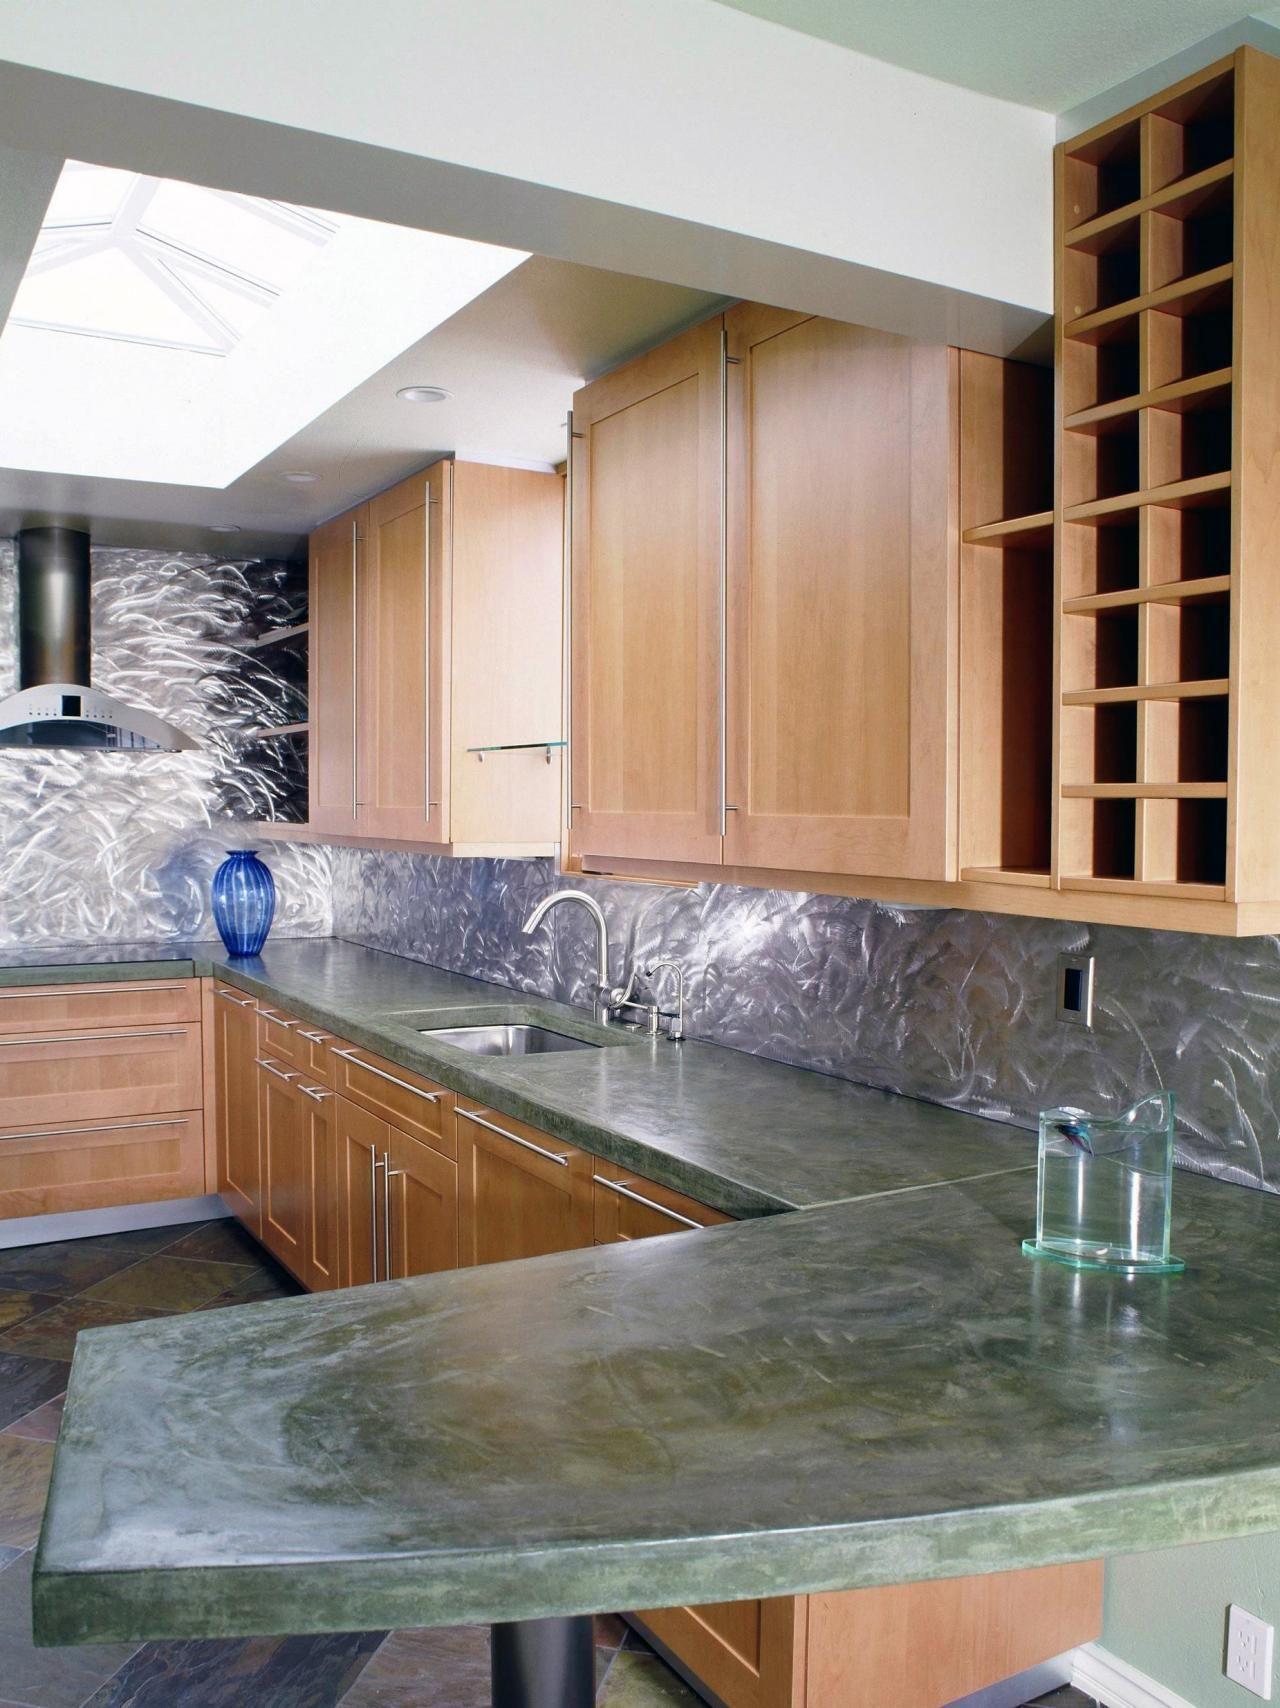 Beliebte Küche Arbeitsplatten  Eine einfache solide Farbe arbeiten